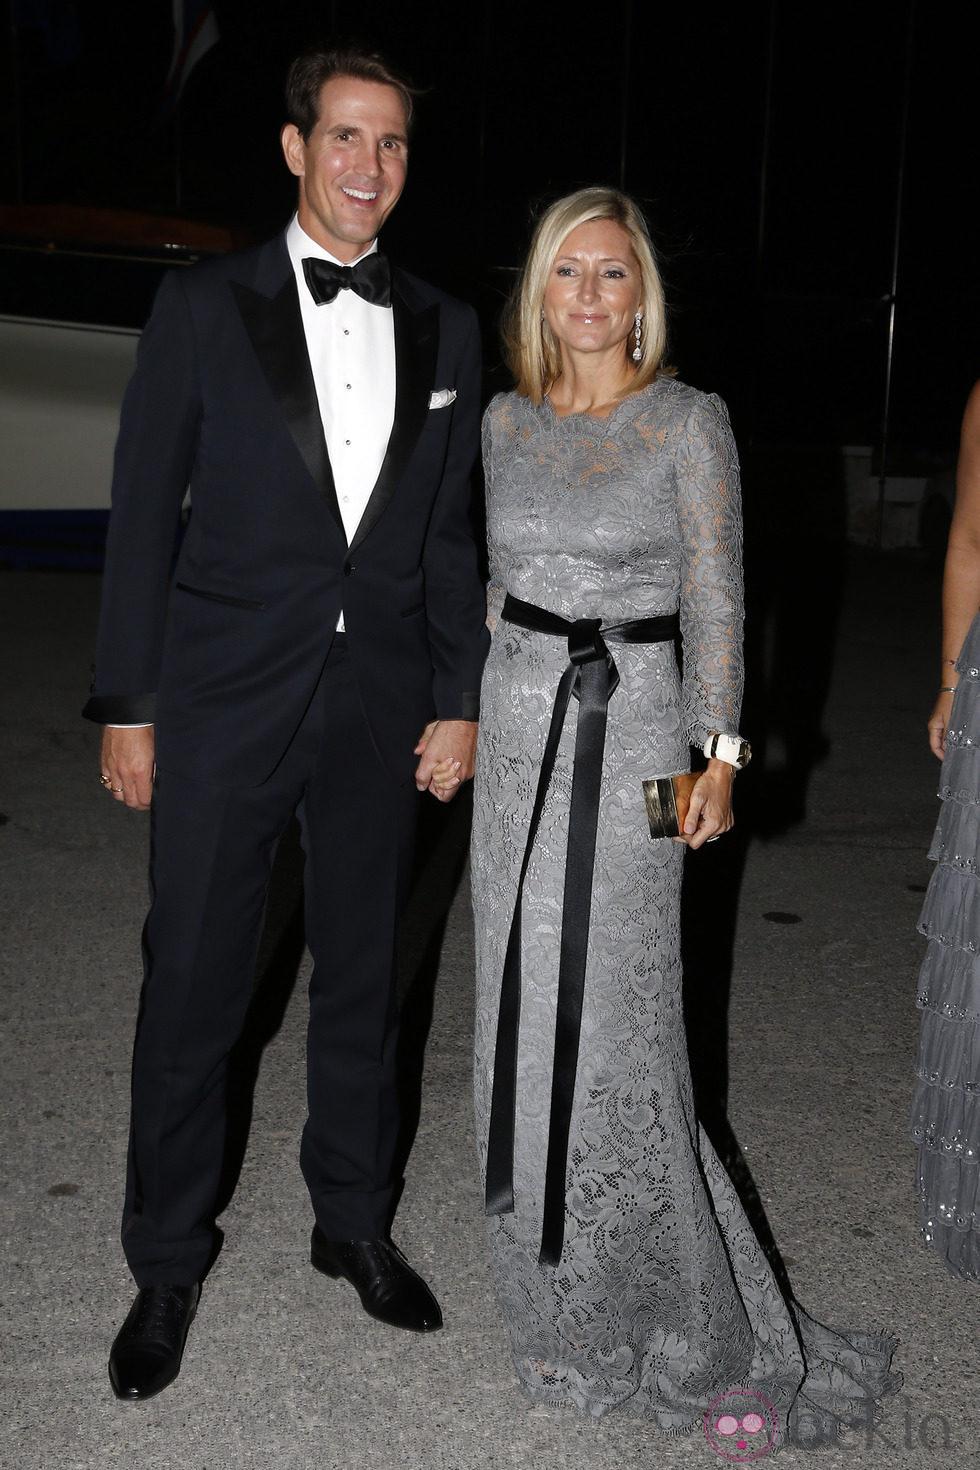 Pablo y Marie Chantal de Grecia en las Bodas de Oro de los Reyes de Grecia